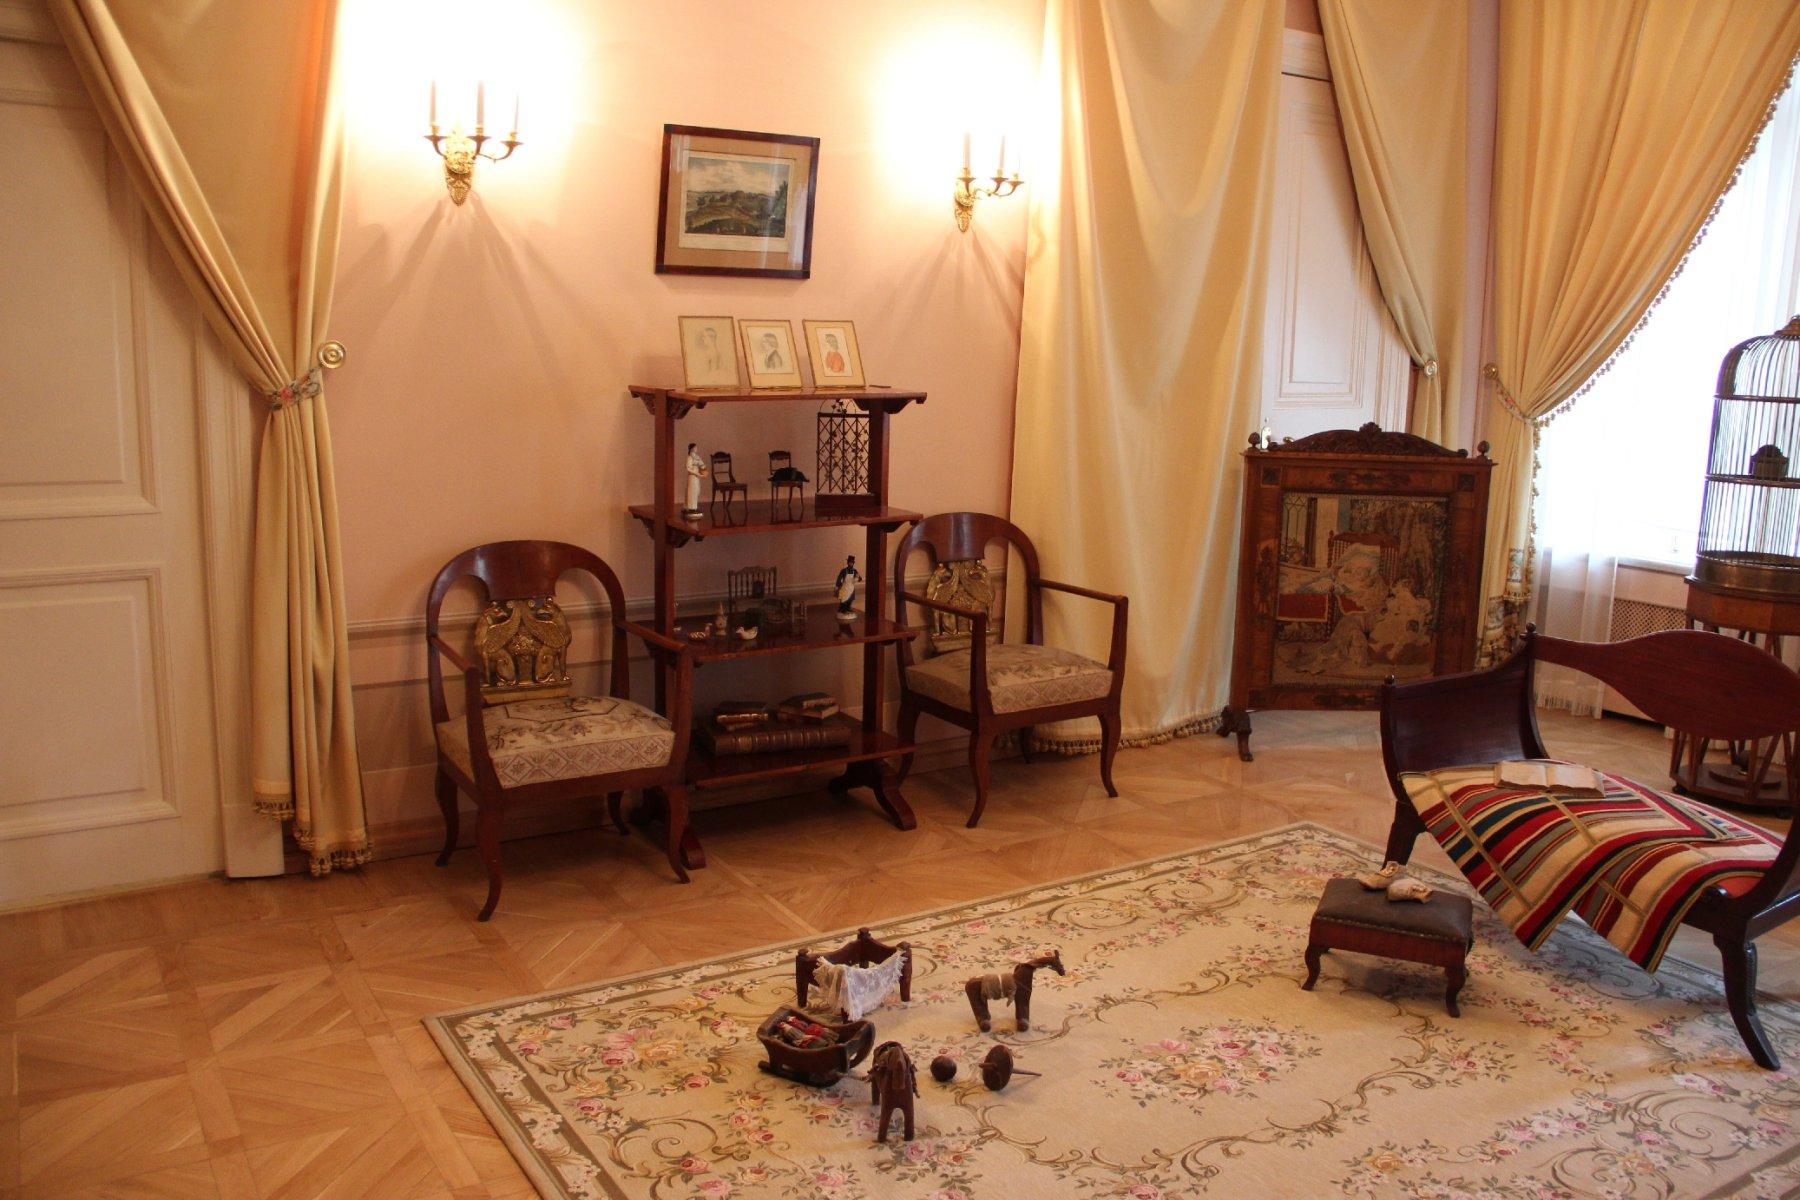 тех всероссийский музей а с пушкина фото фон считается